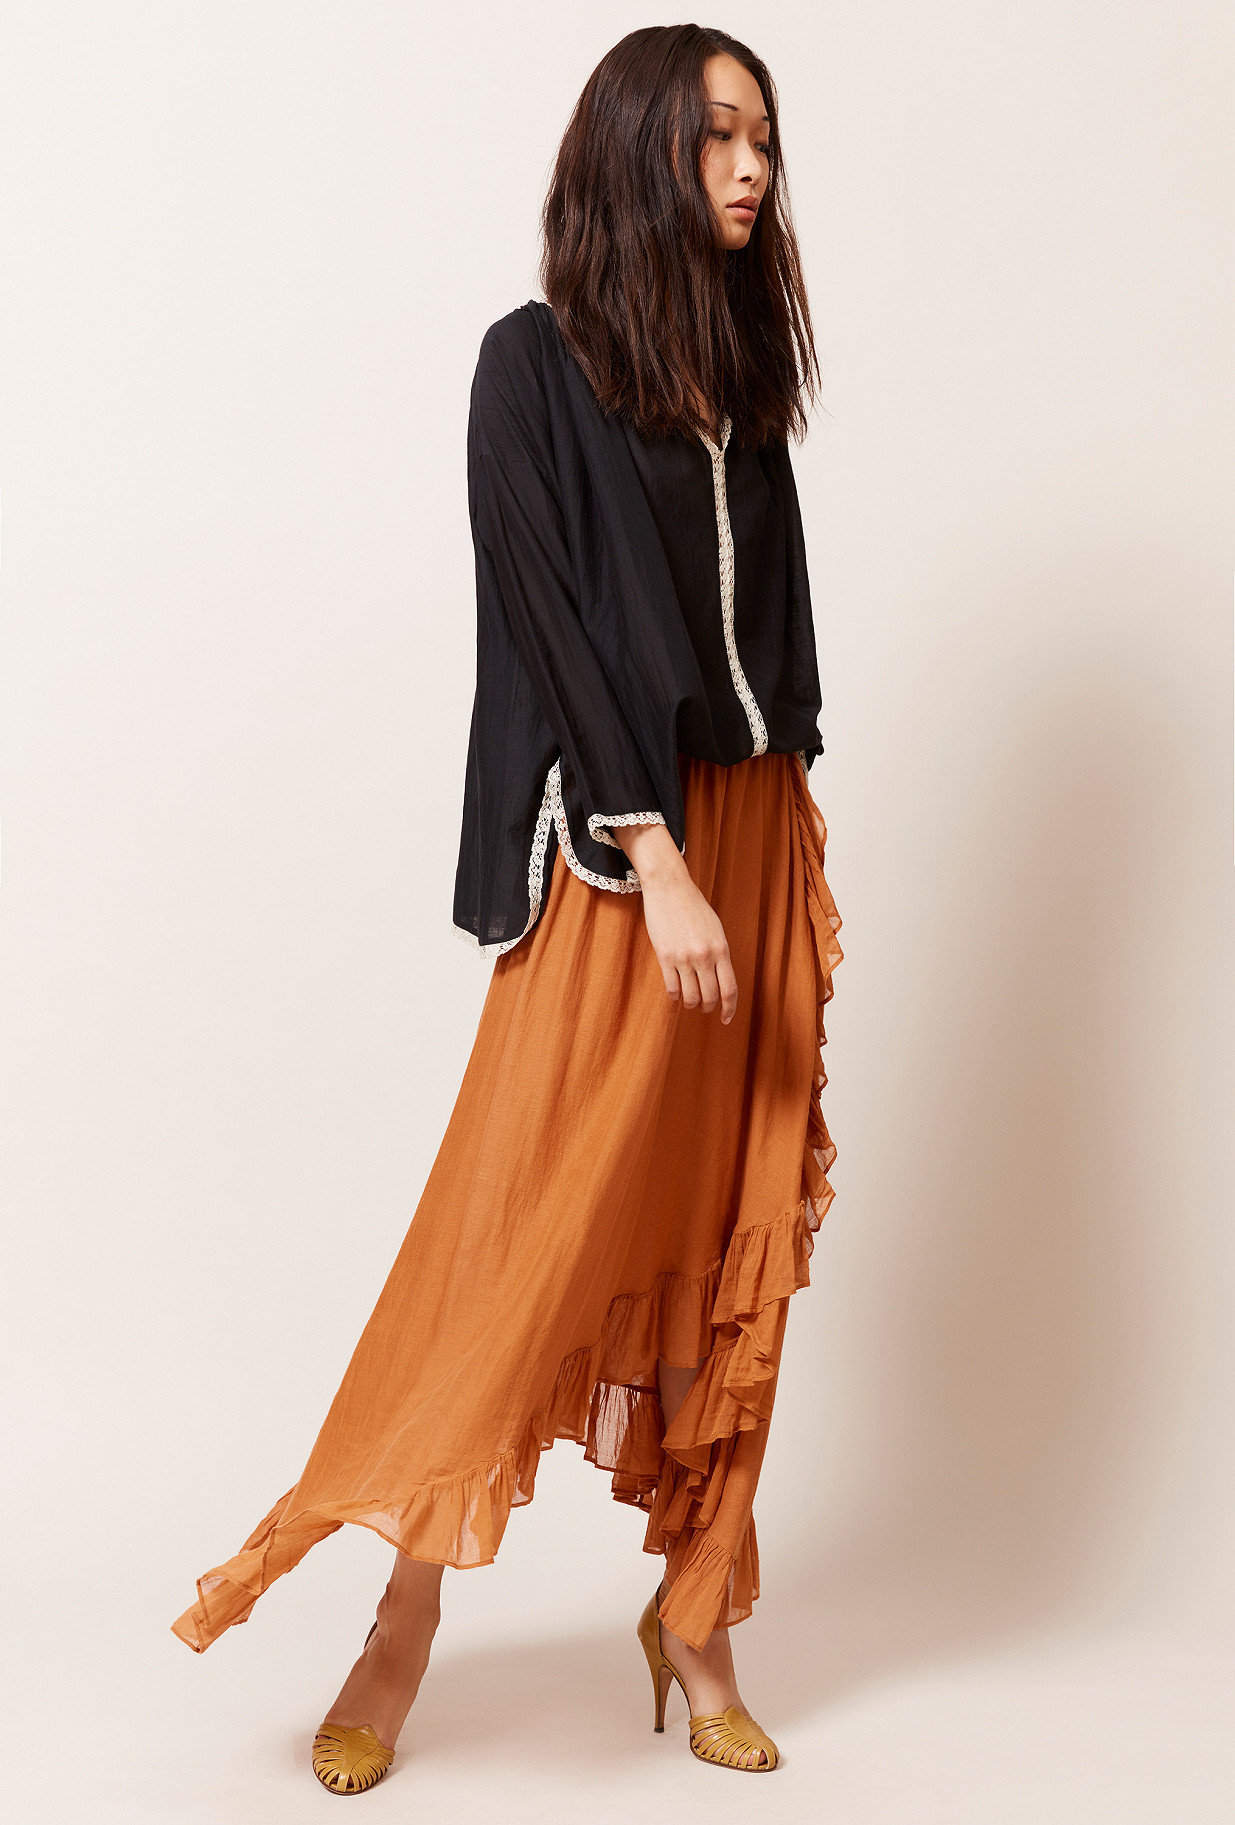 Blouse  Gretta Mes demoiselles fashion clothes designer Paris